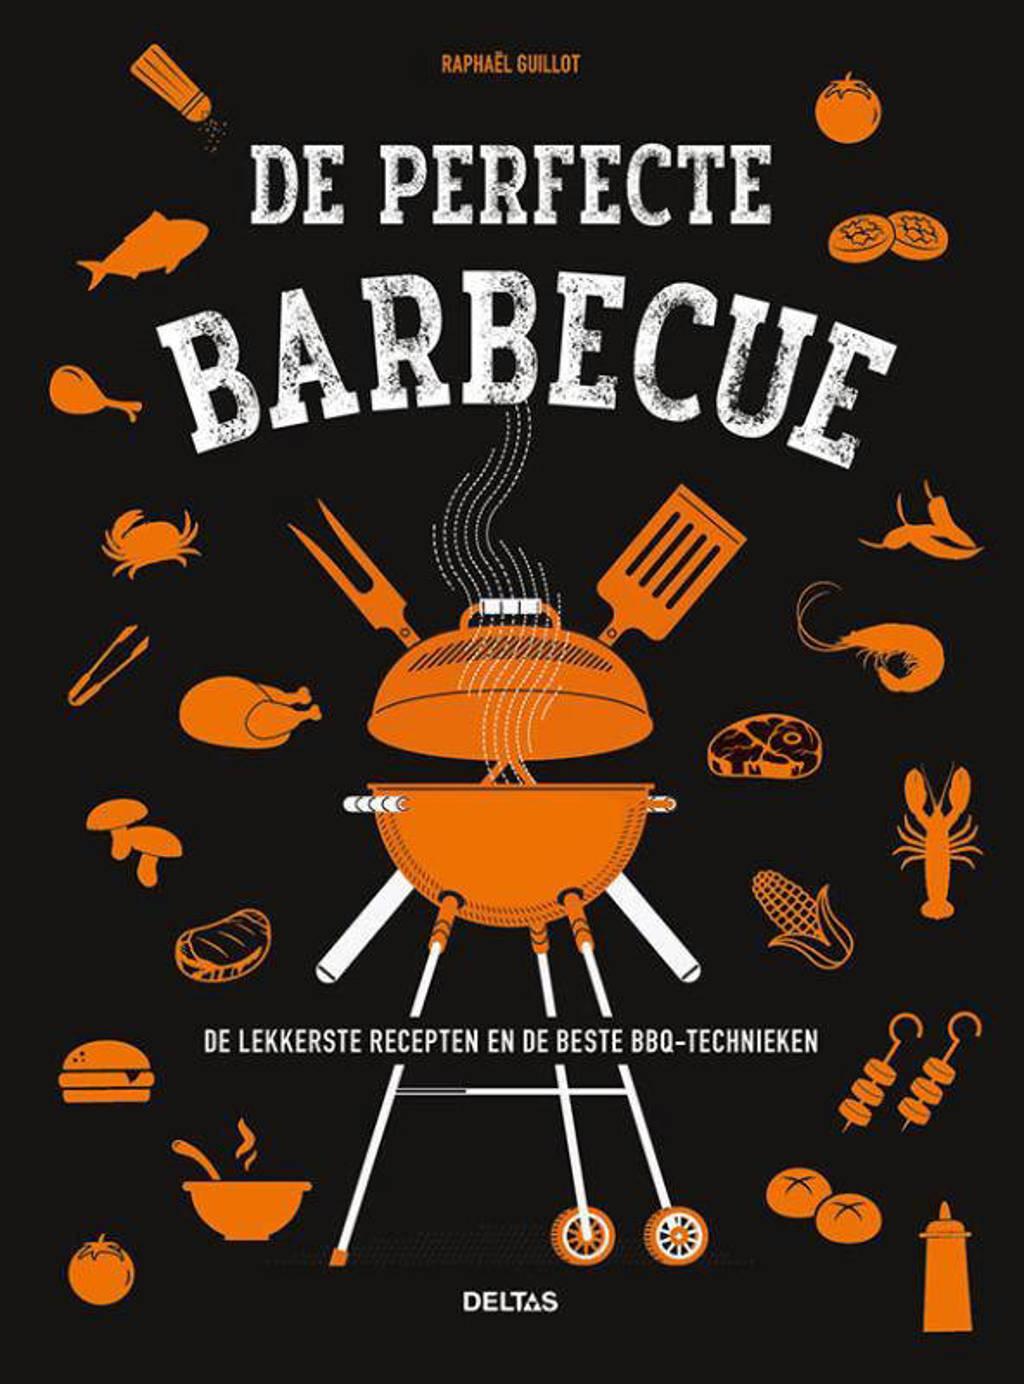 De perfecte barbecue - Raphael Guillot